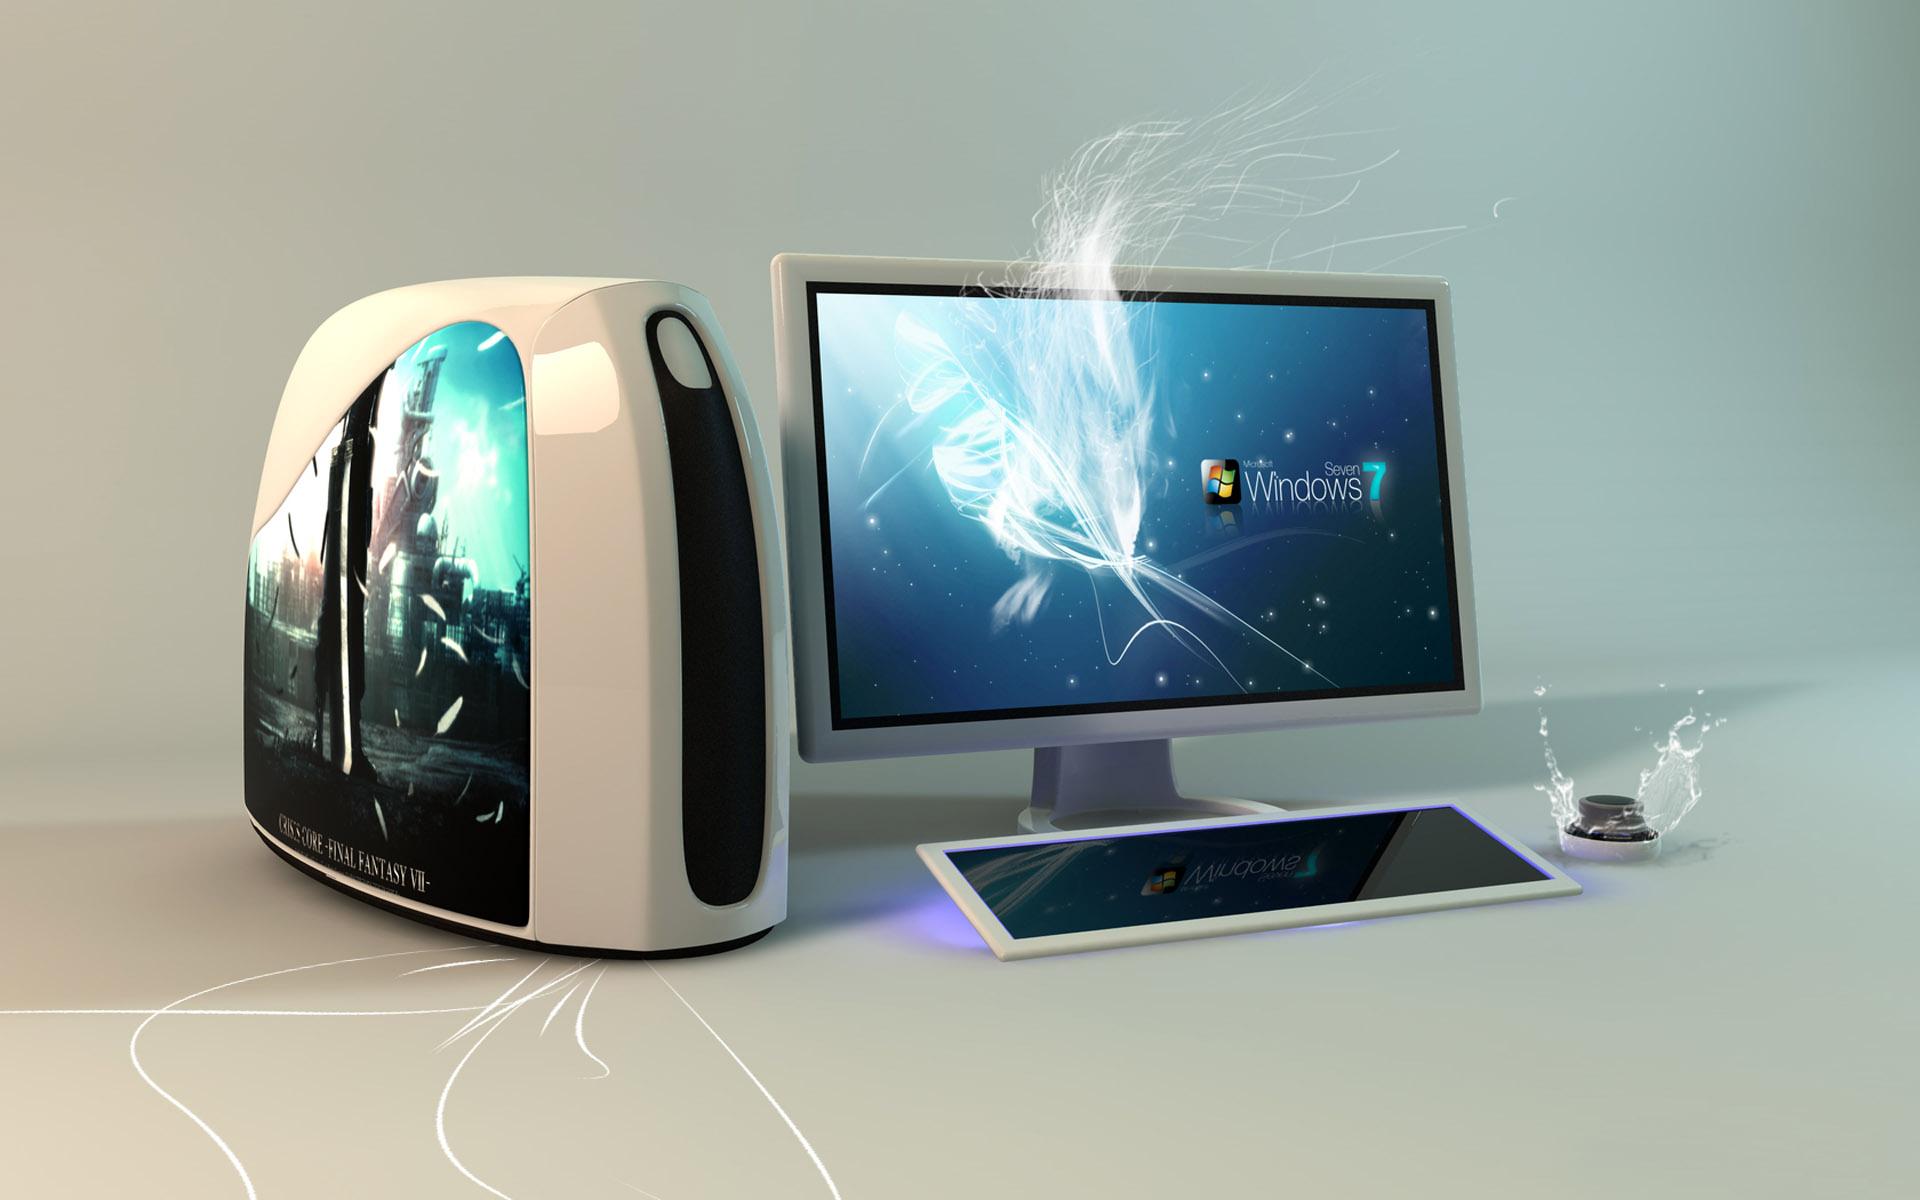 компьютер, монитор, сенсорная